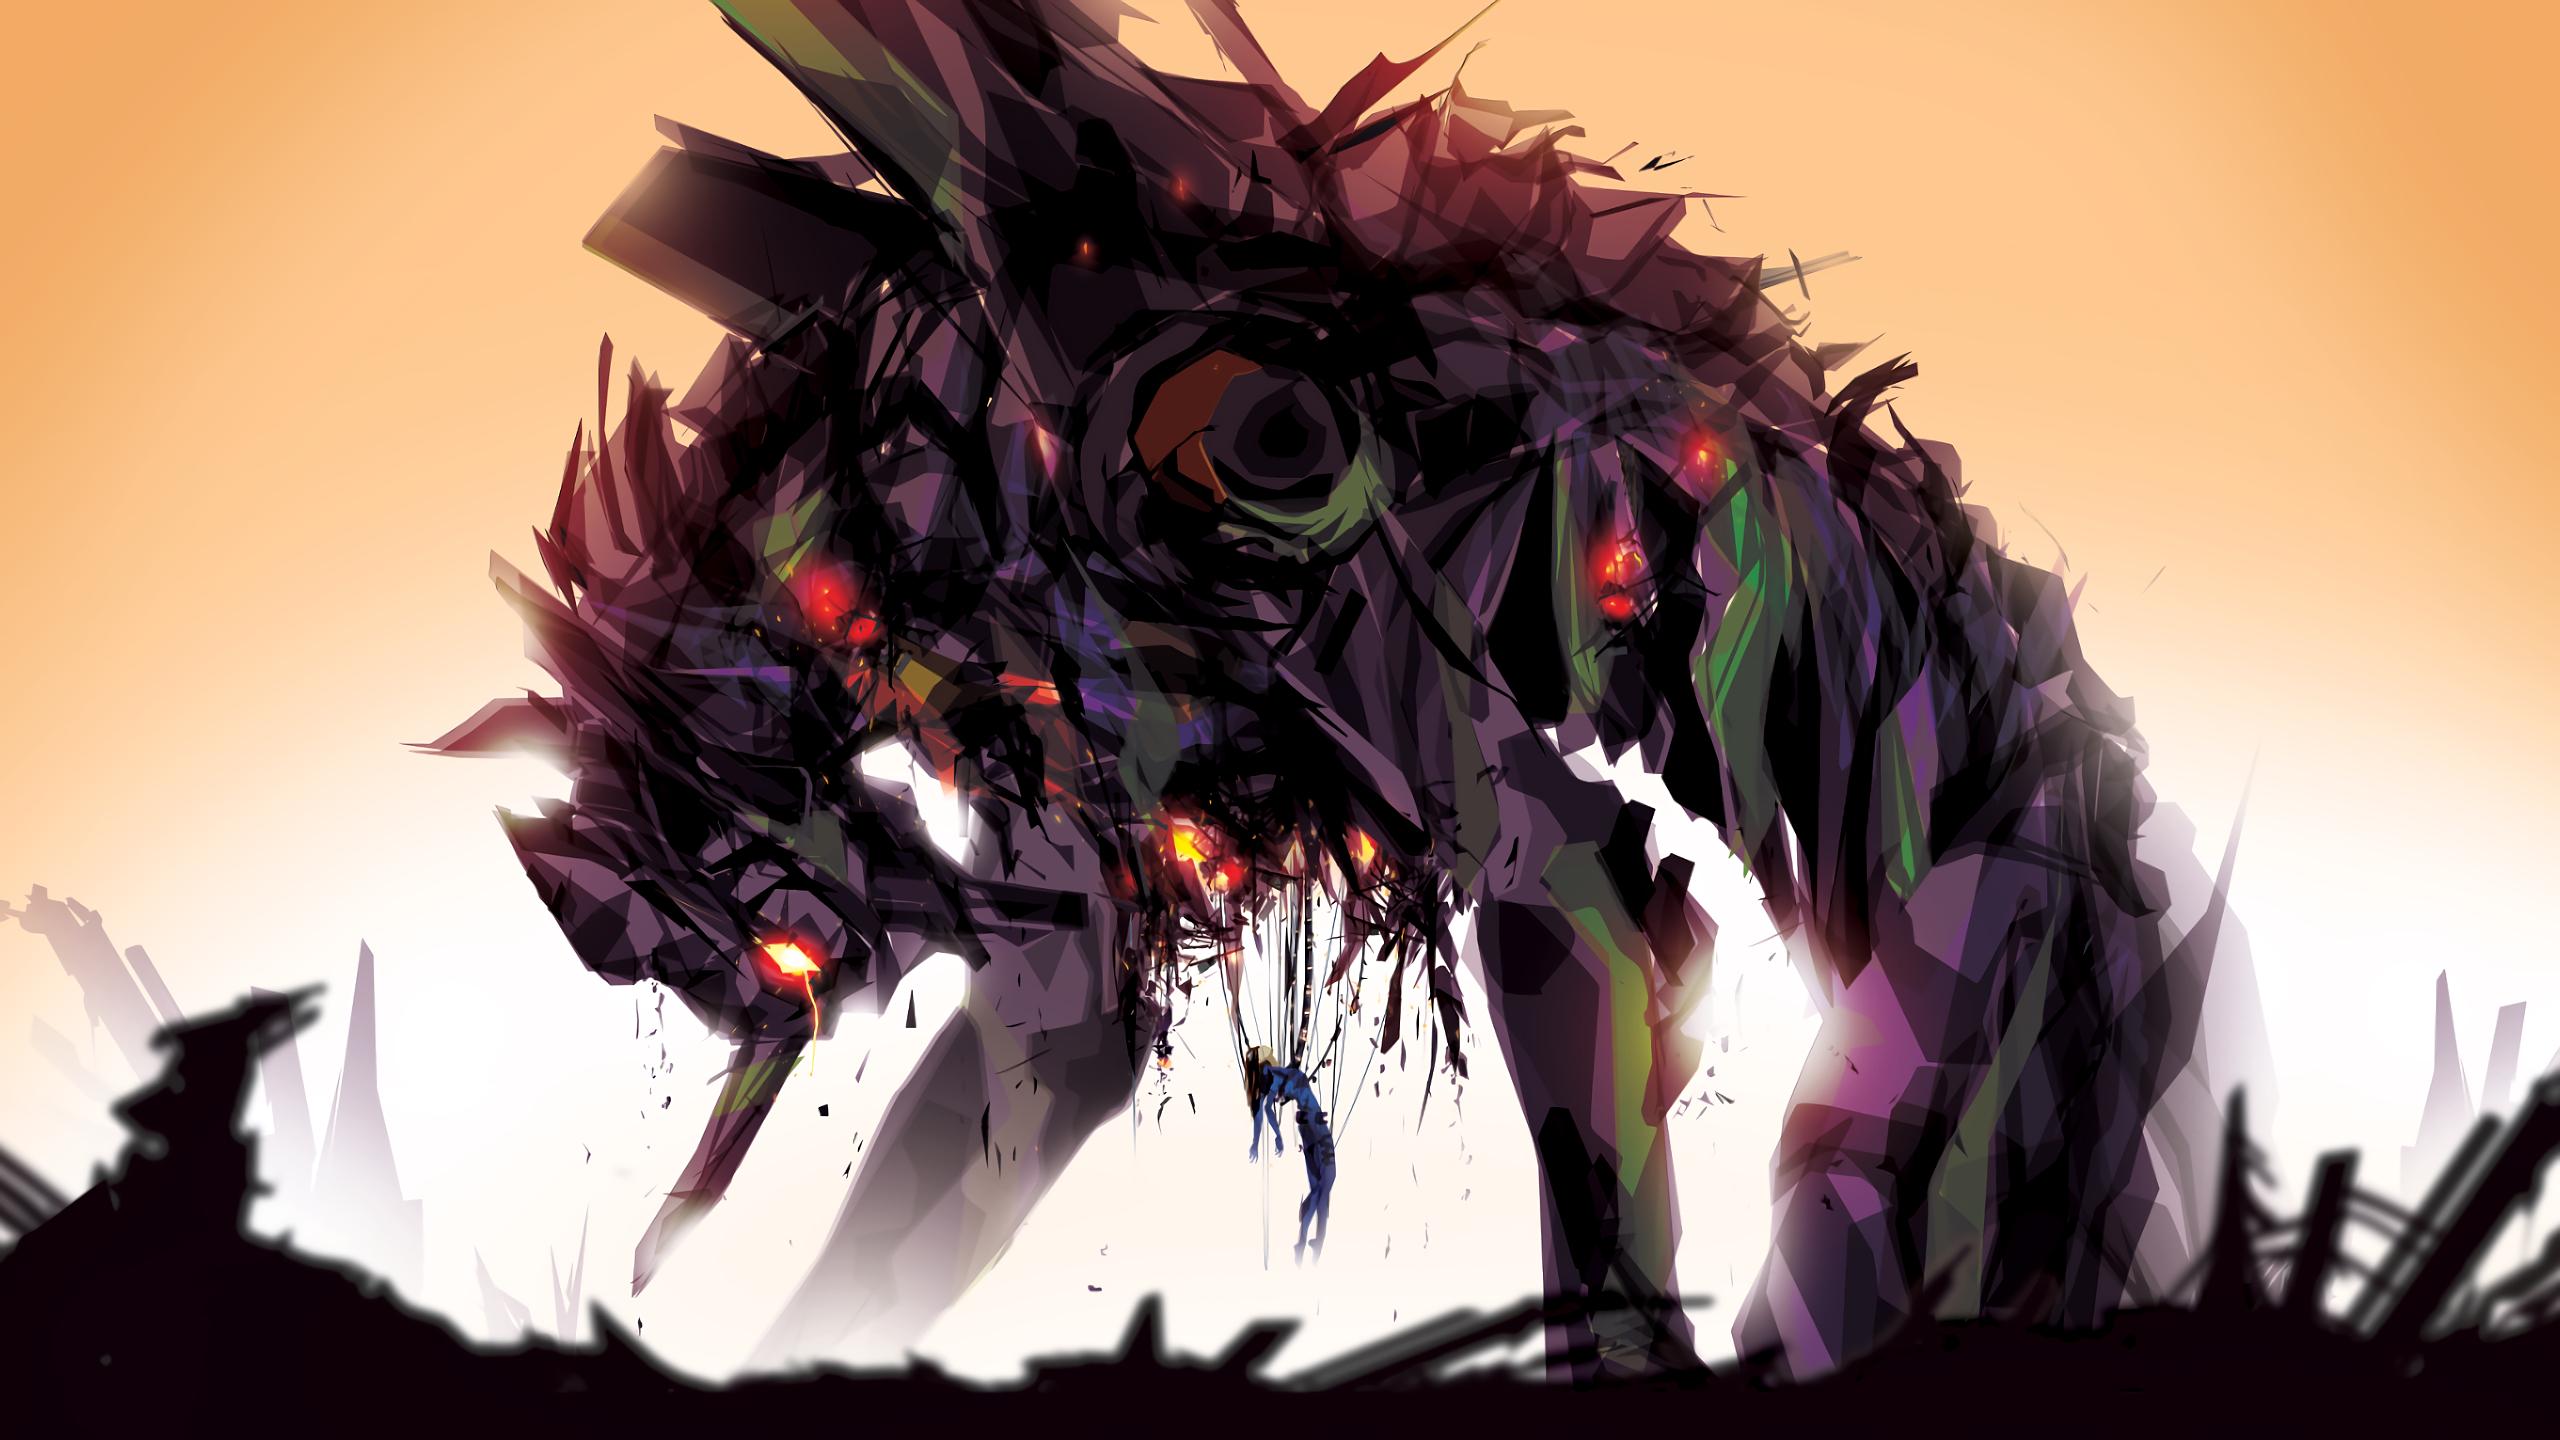 Создание последней части Evangelion идет полным ходом